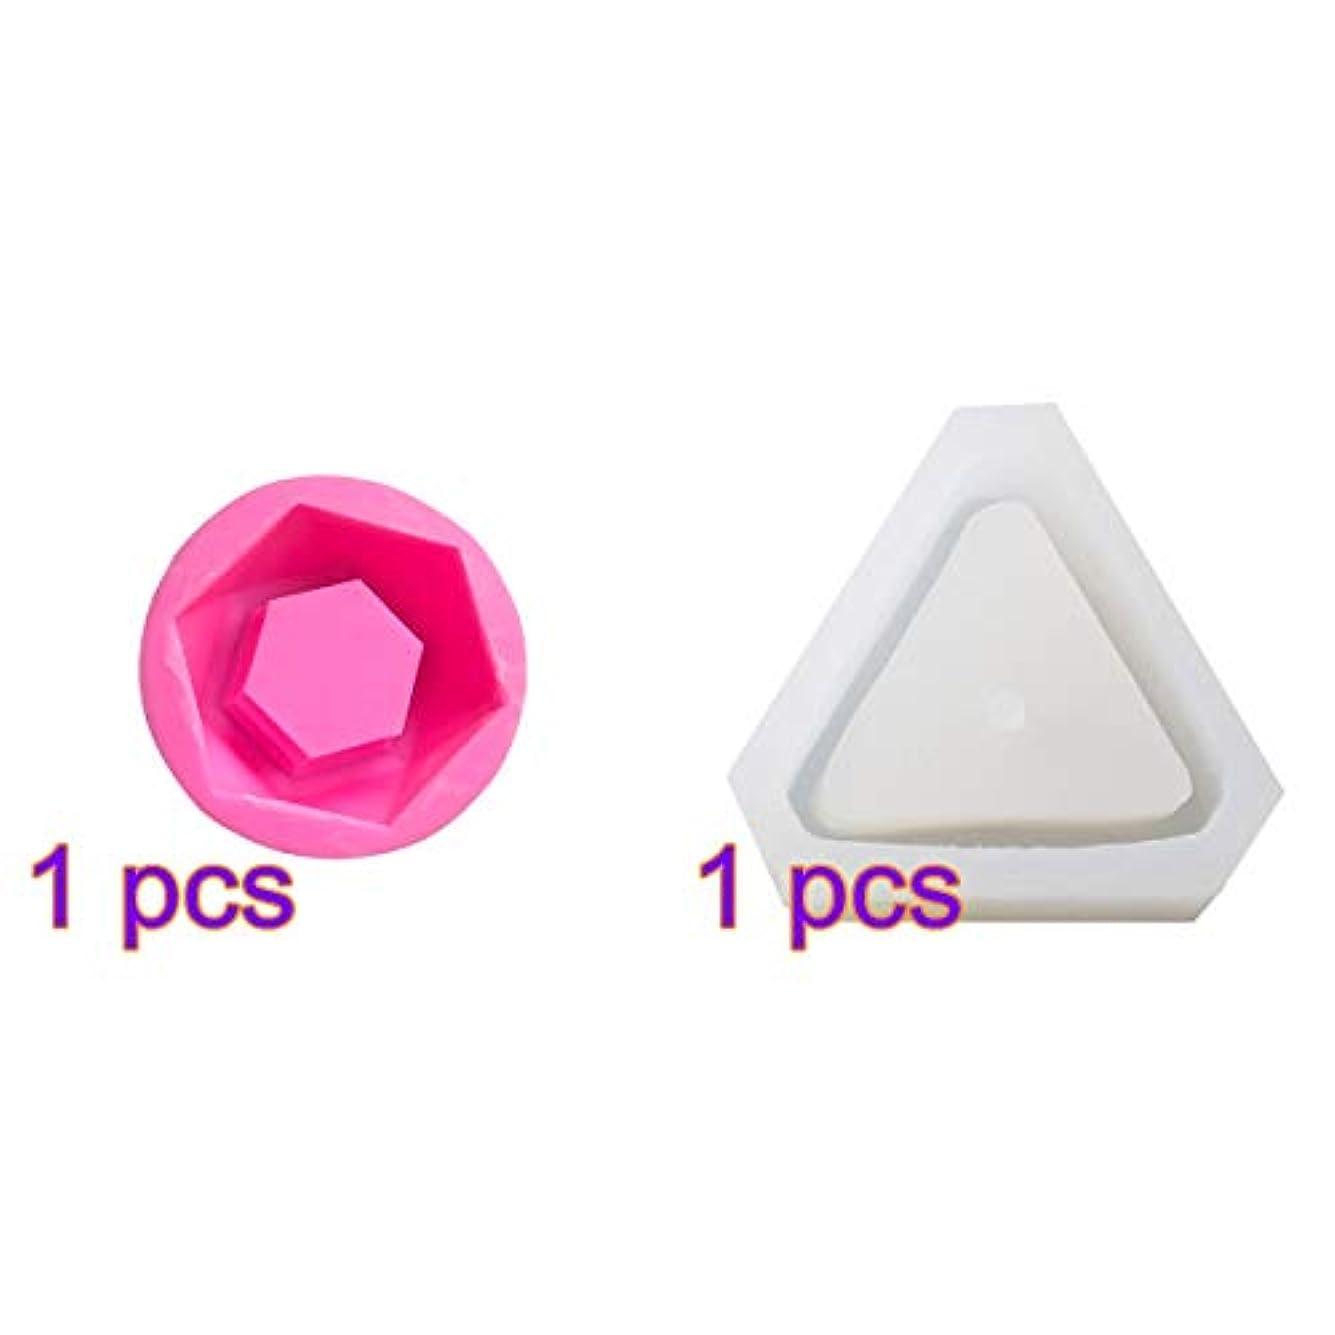 ウェイドベギン楽観SUPVOX シリコーン金型多肉植物植物セメントプランター金型ホームインテリア(三角形+ダイヤモンド)